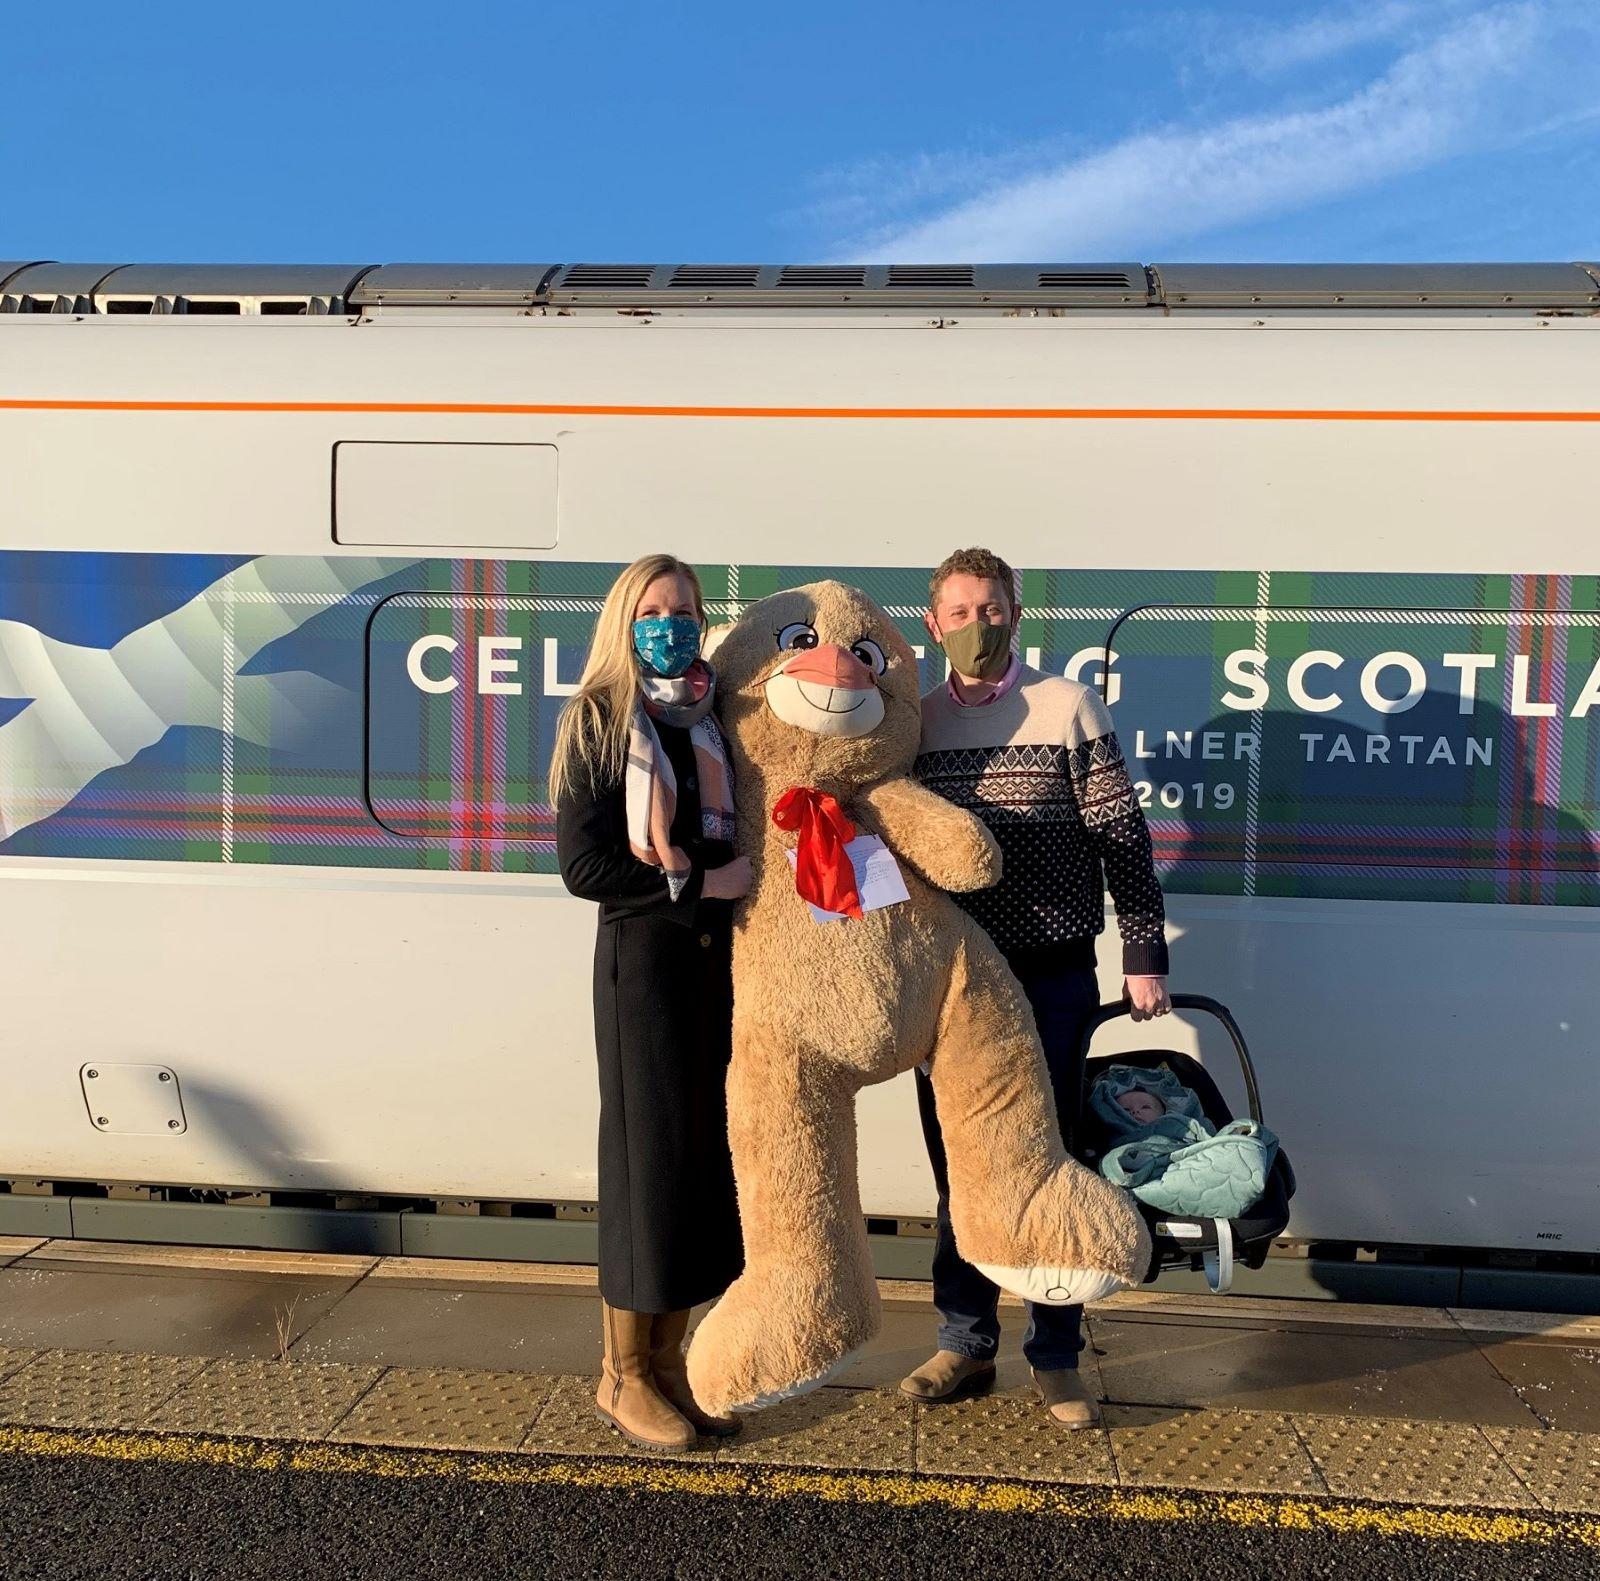 LNER Delivers Christmas For Evelyn